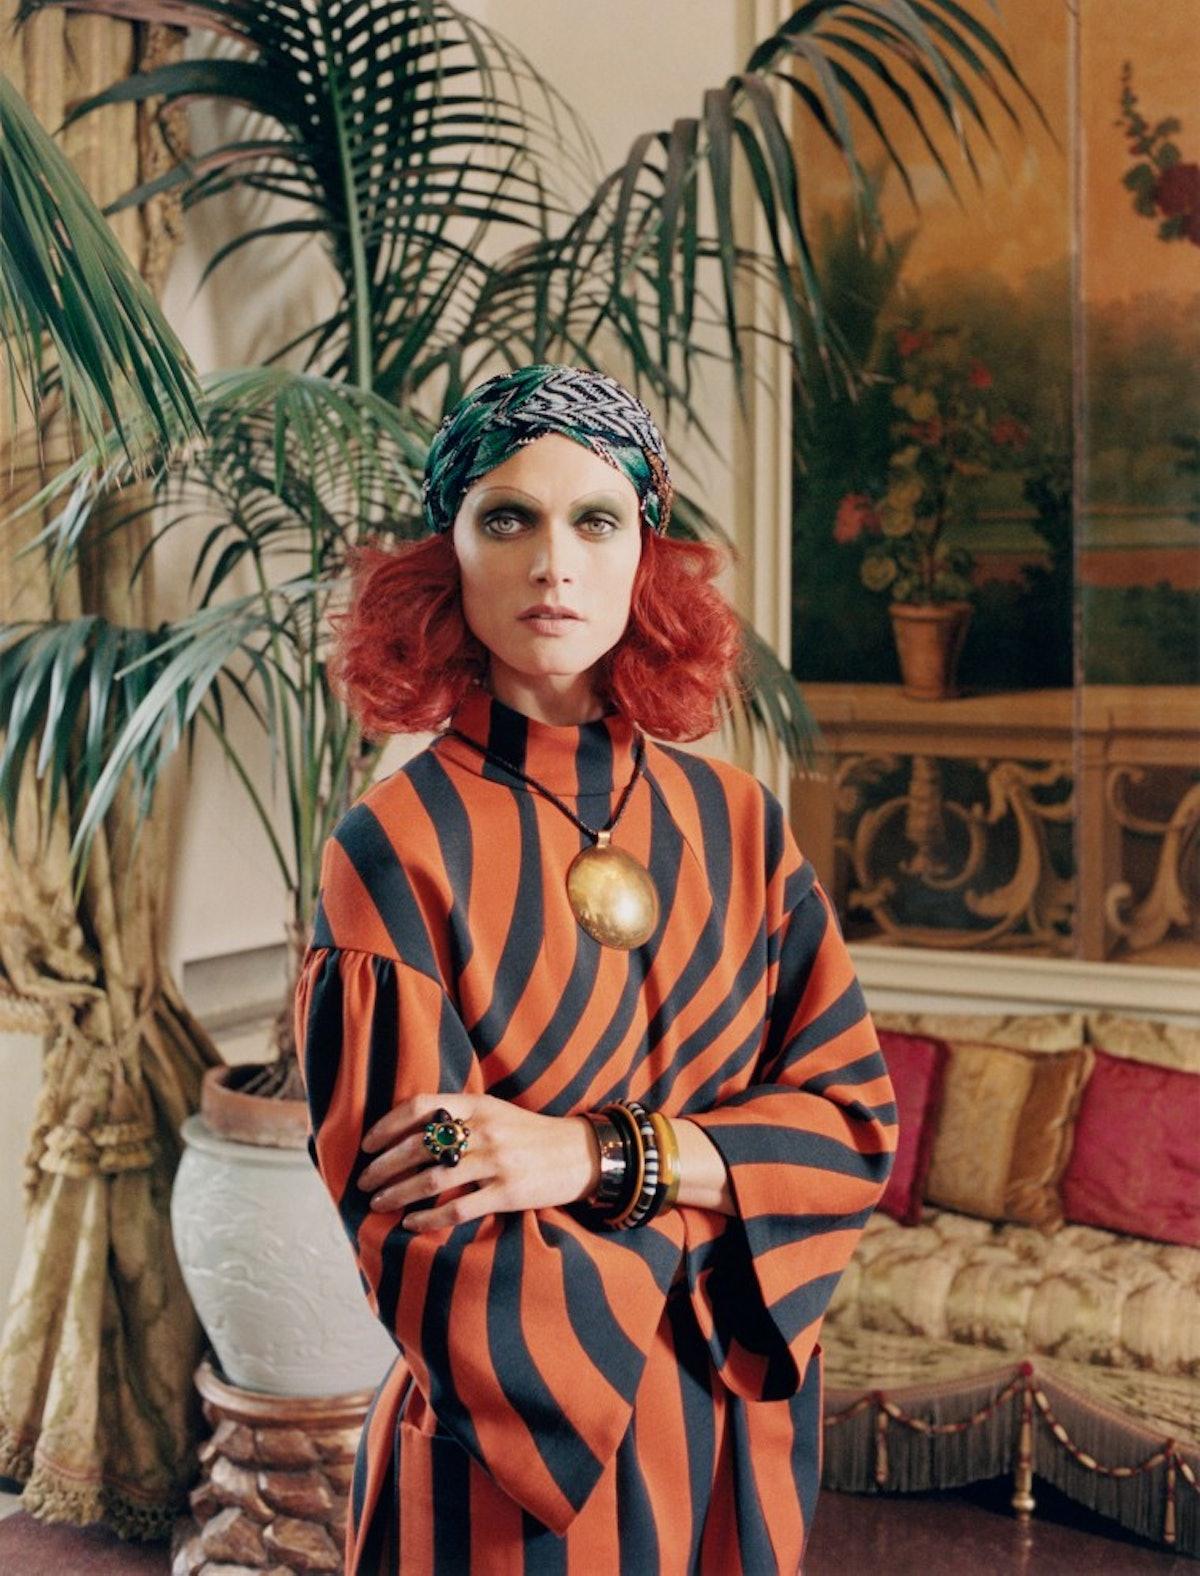 dries-van-noten-dress-venetian-princess-760x998